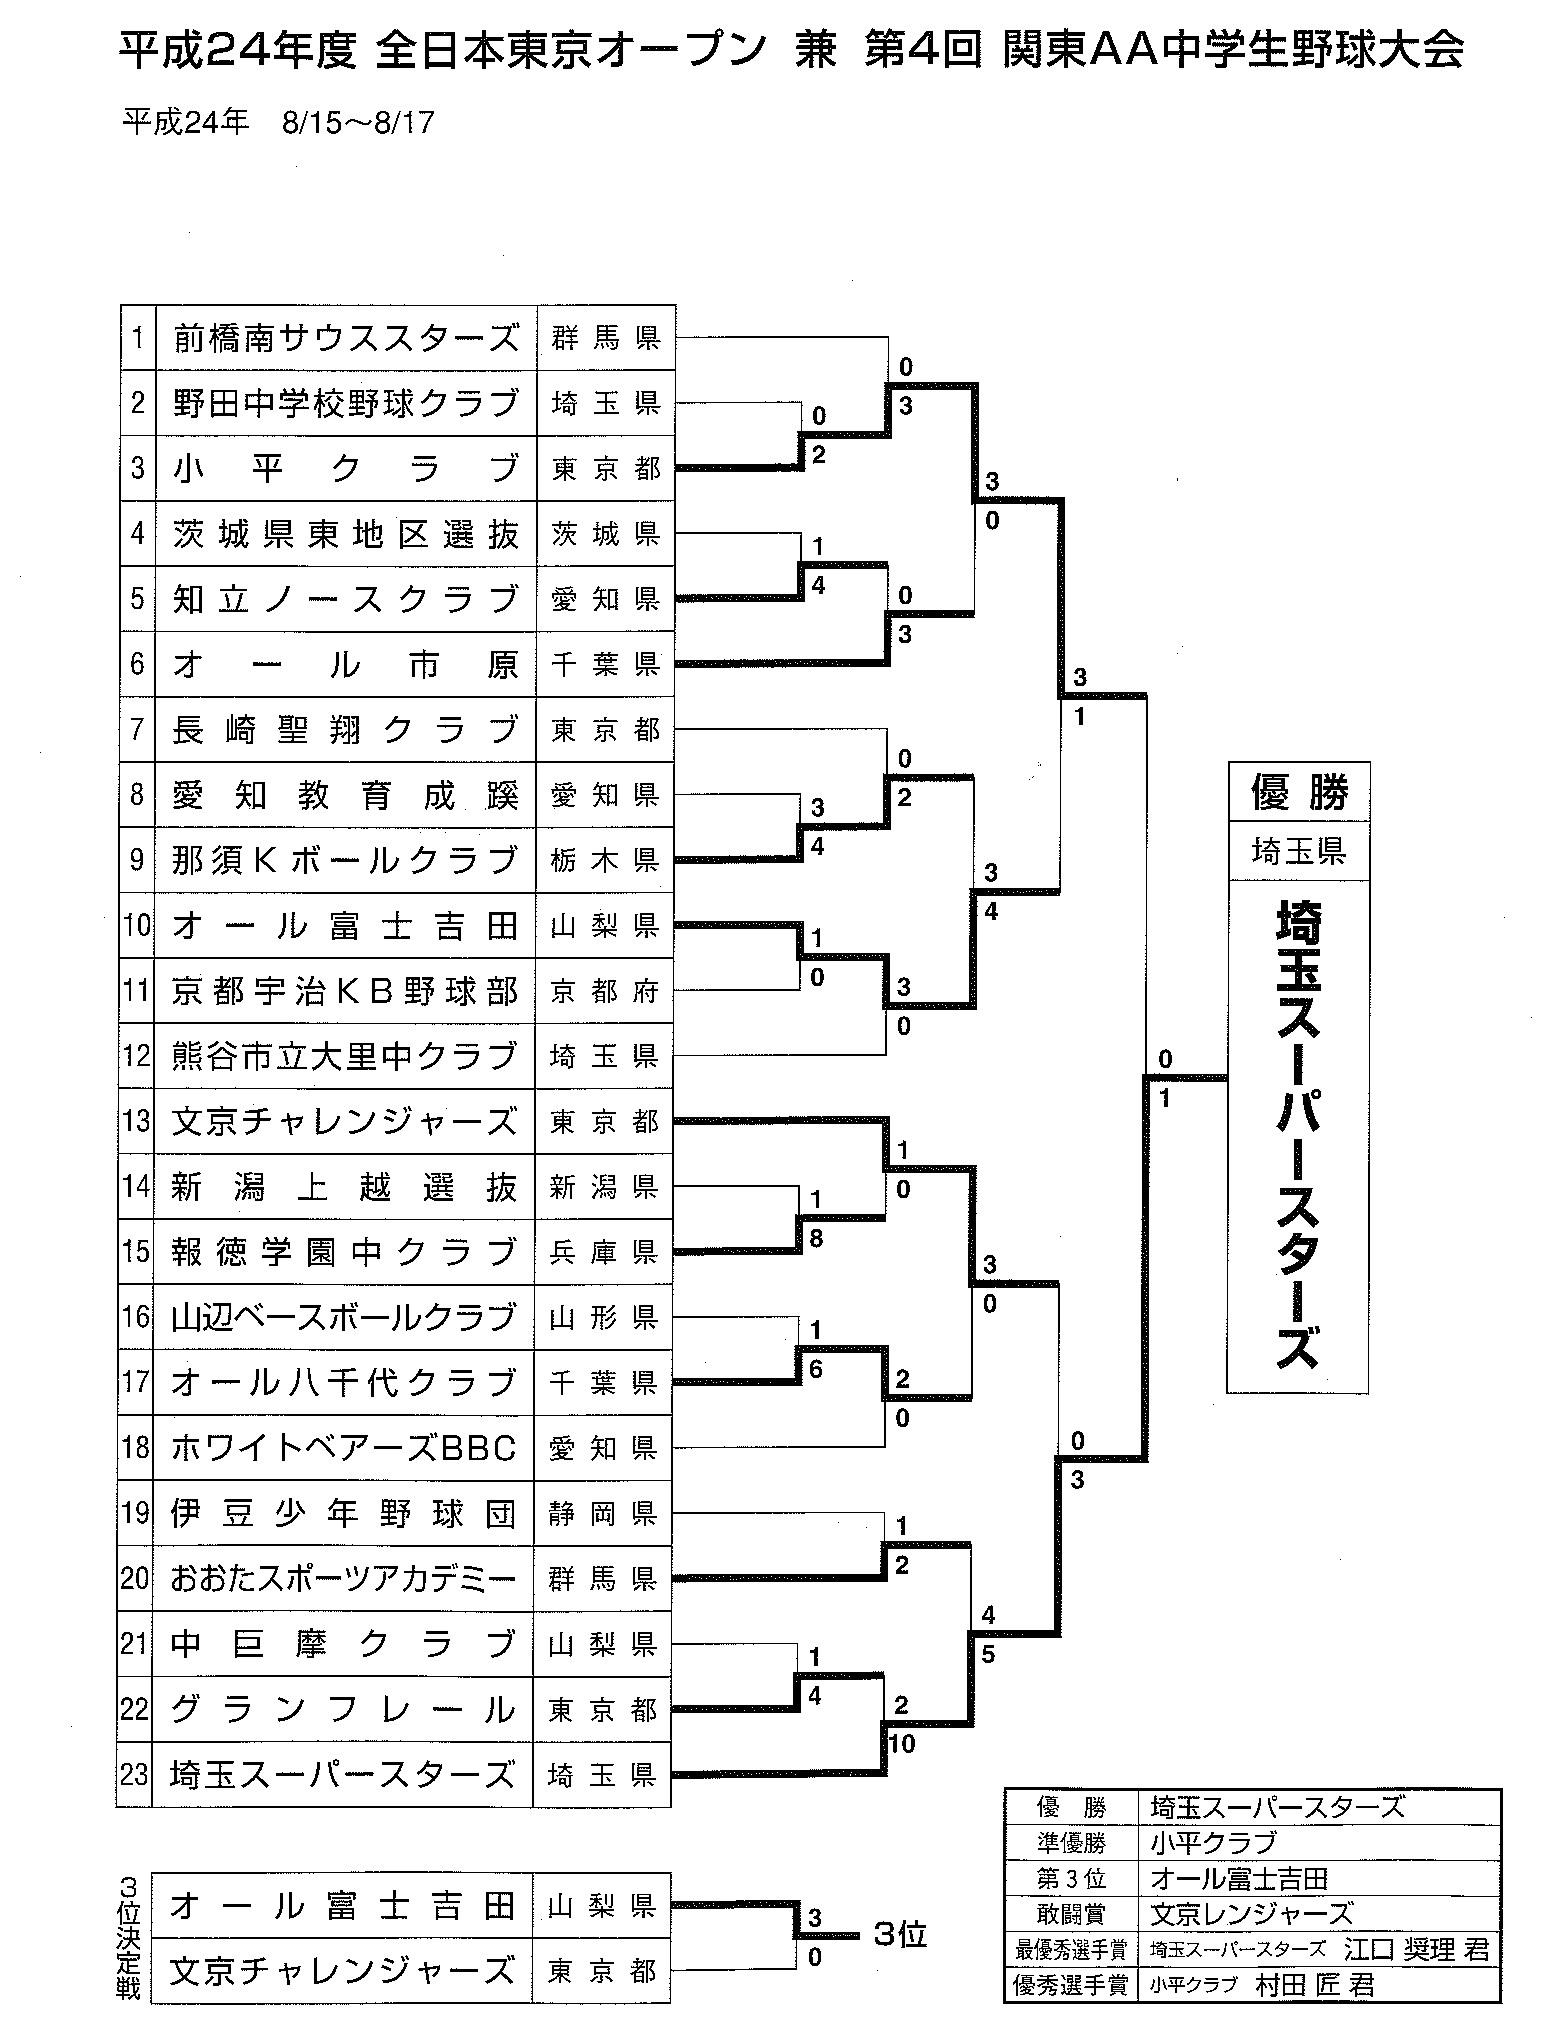 第2回 東京オープン トーナメント表